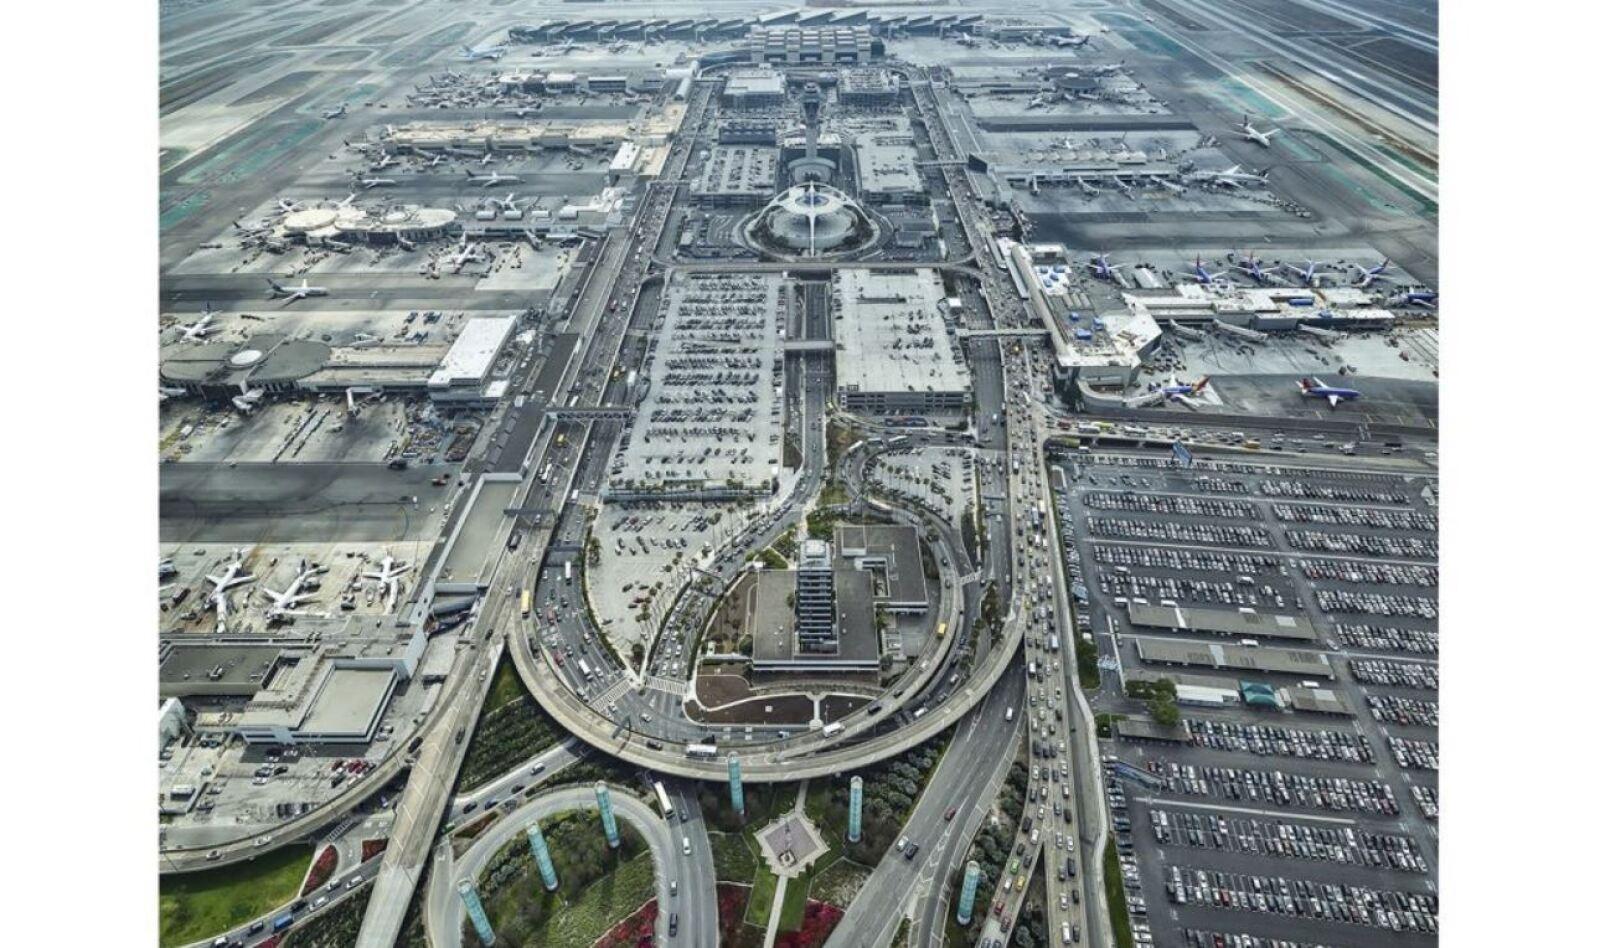 El Aeropuerto de Los Ángeles